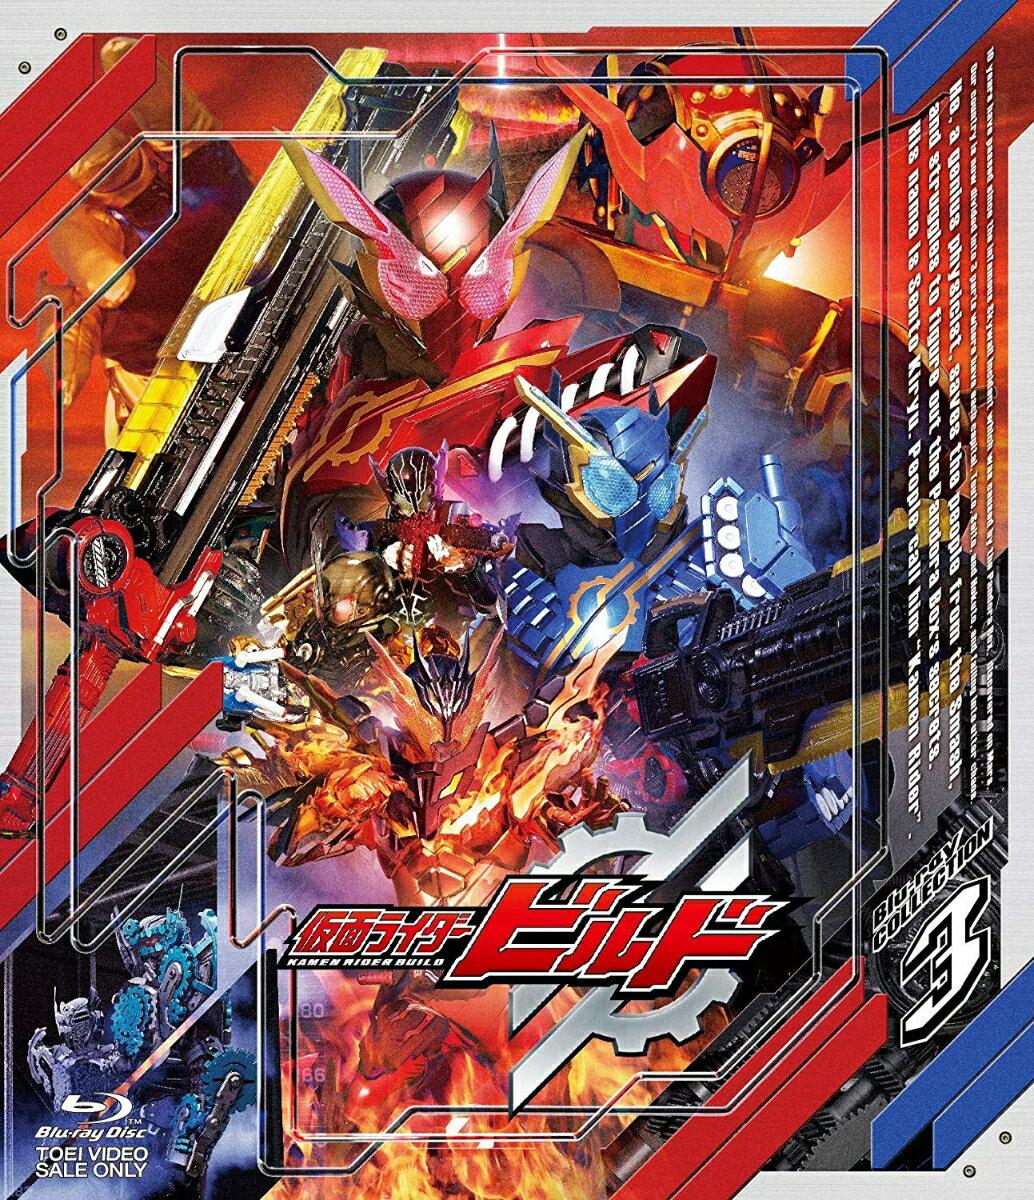 仮面ライダービルド Blu-ray COLLECTION 3【Blu-ray】画像